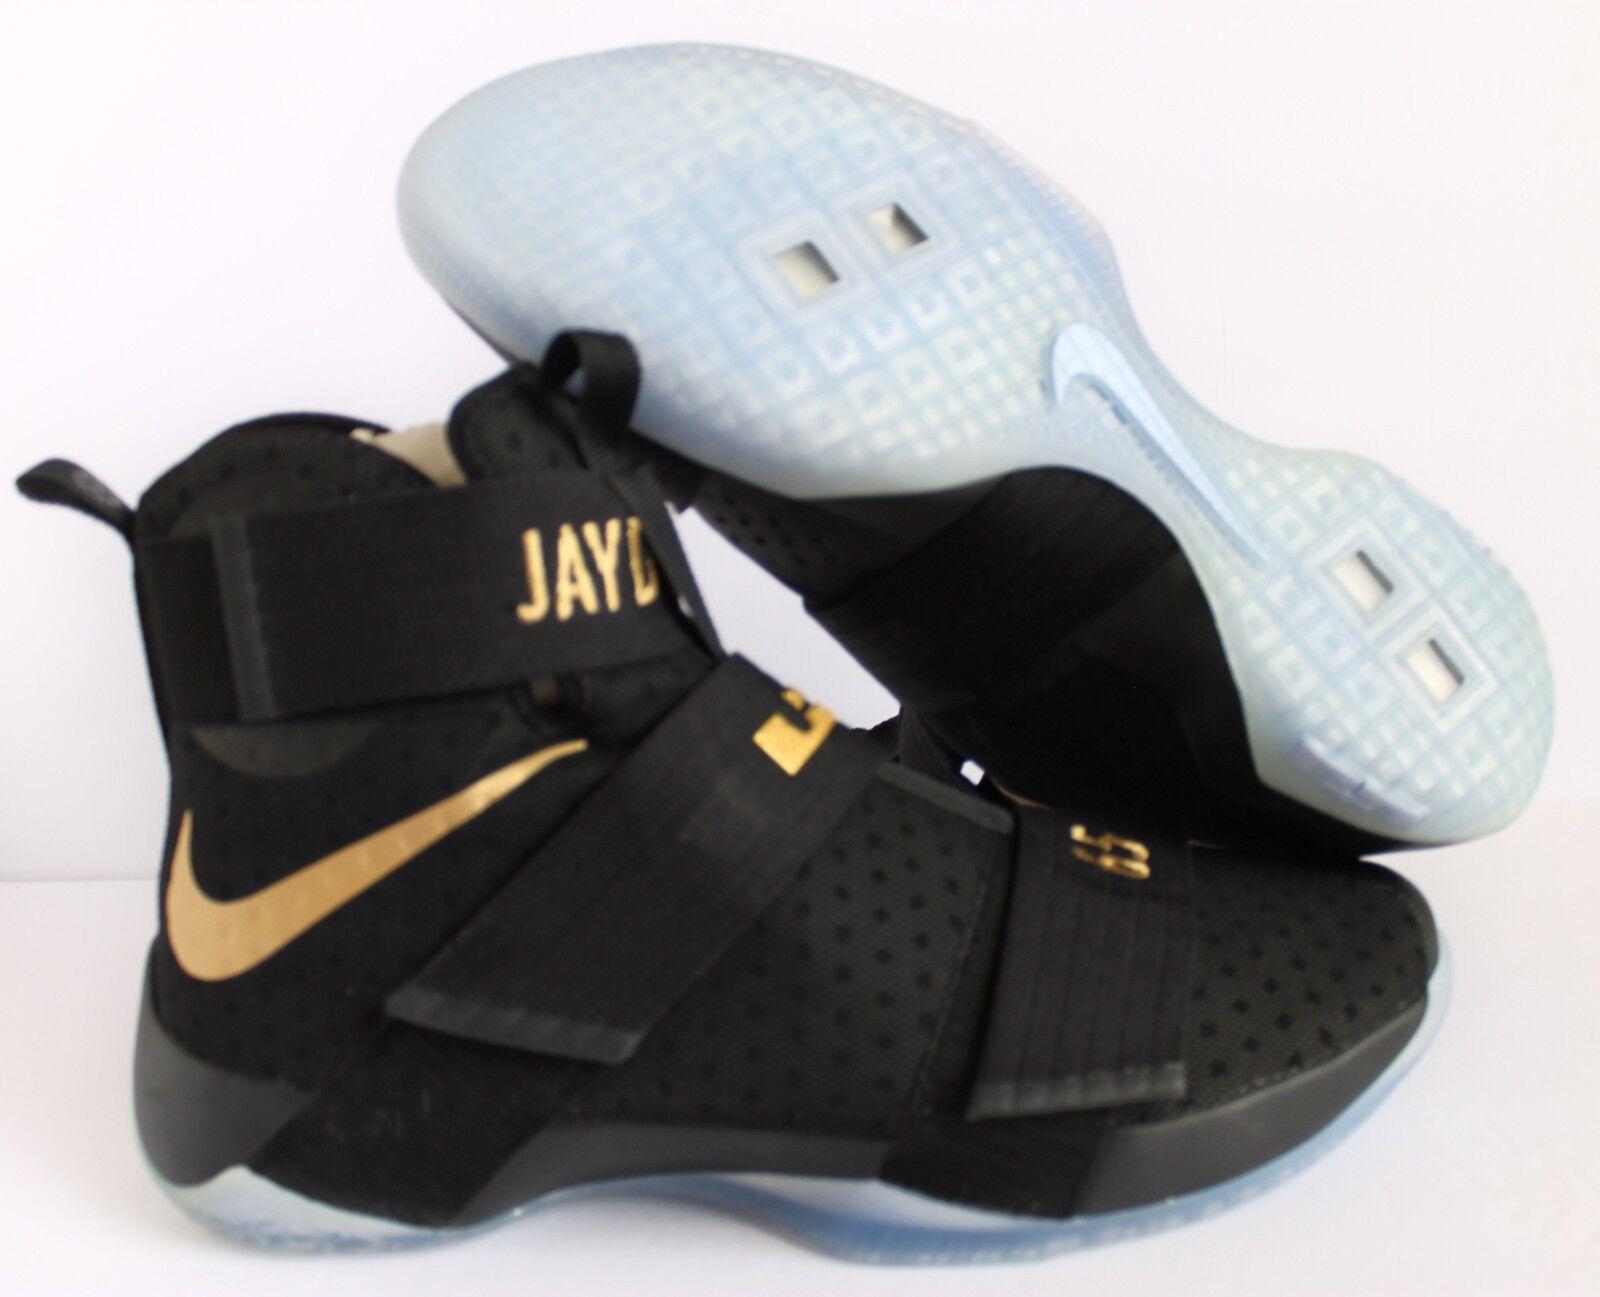 ID de Nike Zoom LeBron Soldier reducción 10 Campeonato oro negro reducción Soldier de precios el último descuento zapatos para hombres y mujeres f8ea5d